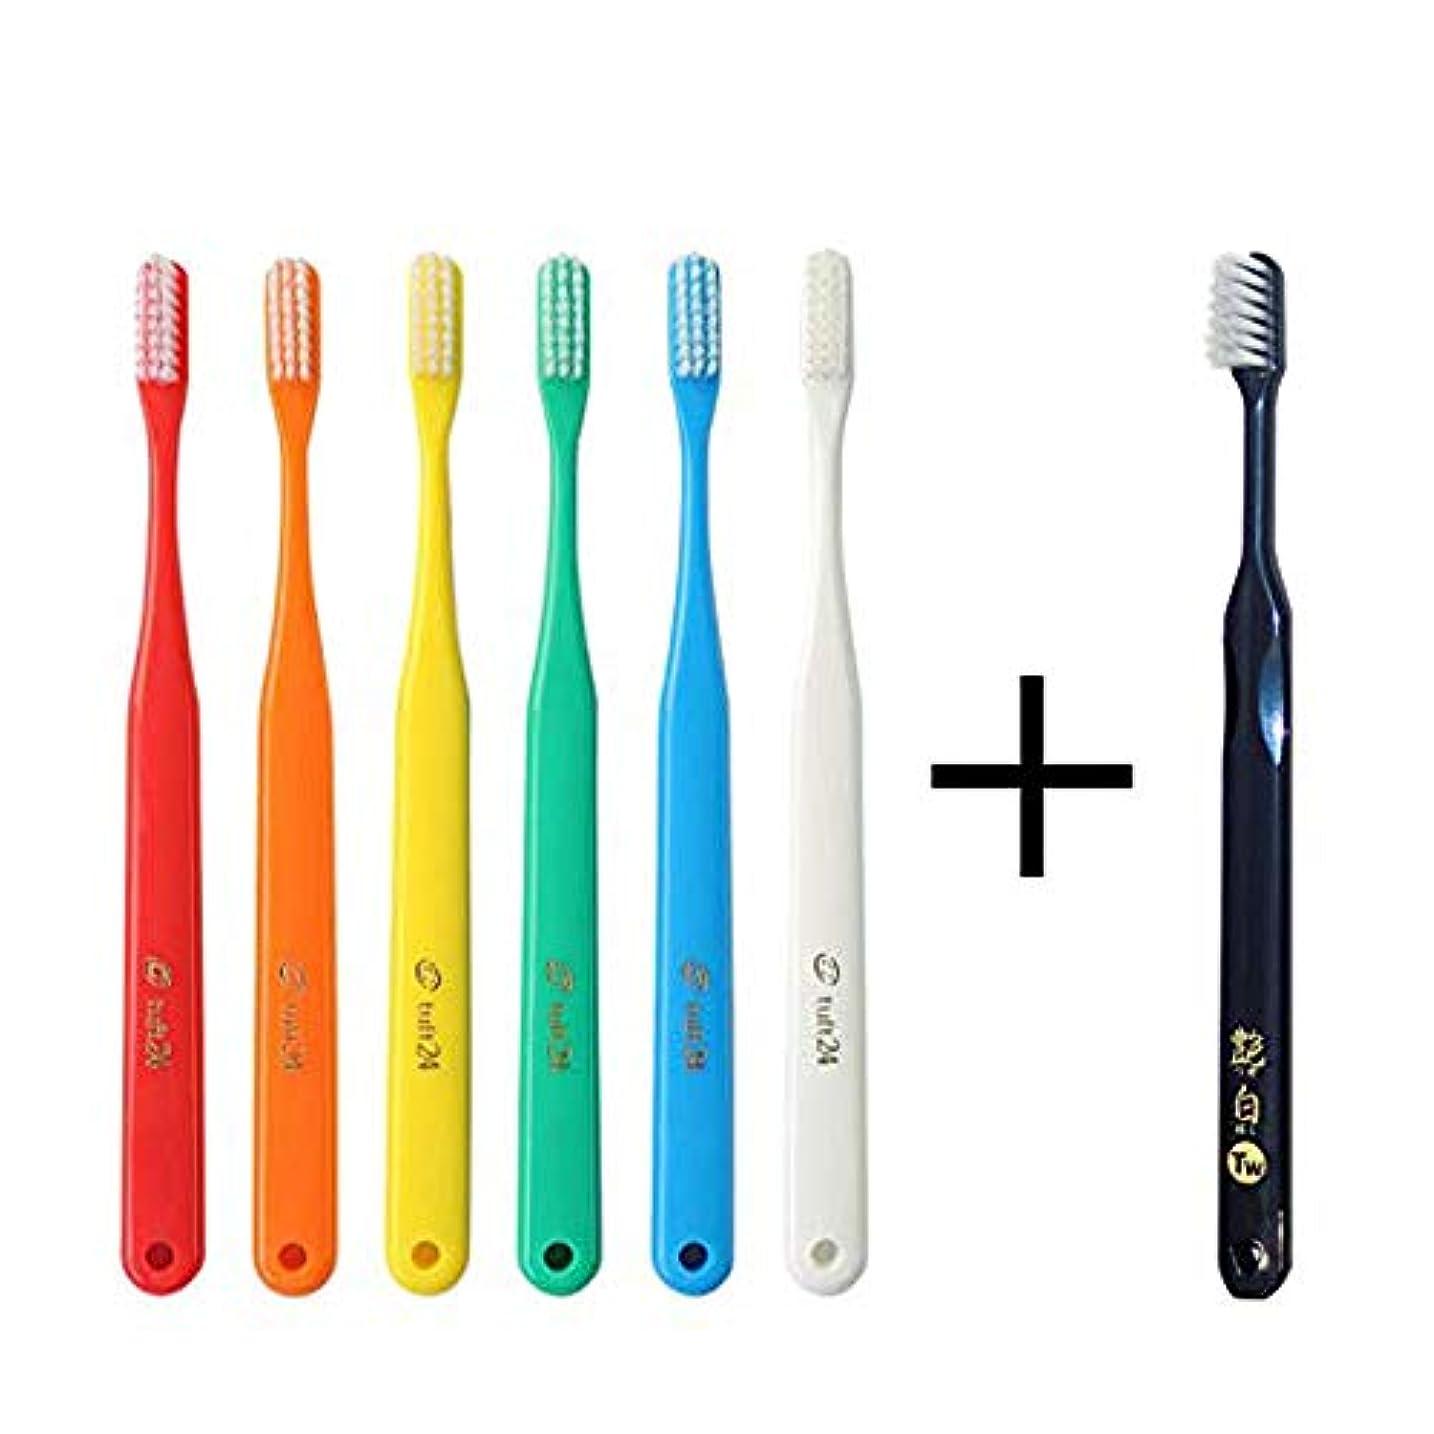 タフト24 歯ブラシ × 10本 (S) キャップなし + 艶白ツイン ハブラシ×1本(S やわらかめ) むし歯予防 歯科専売